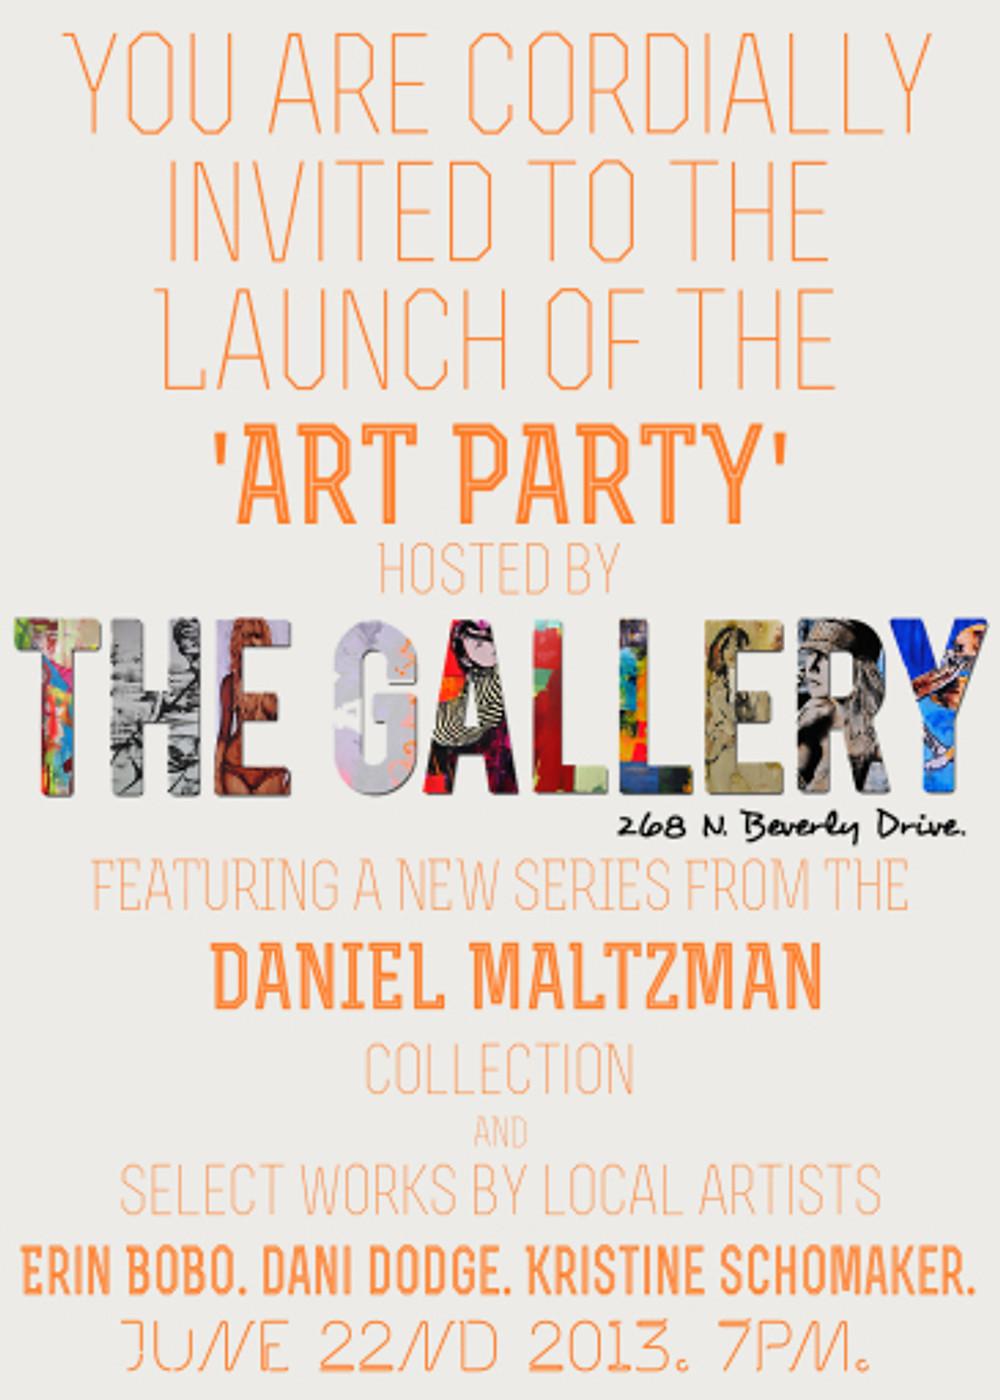 art party invite1 (2)